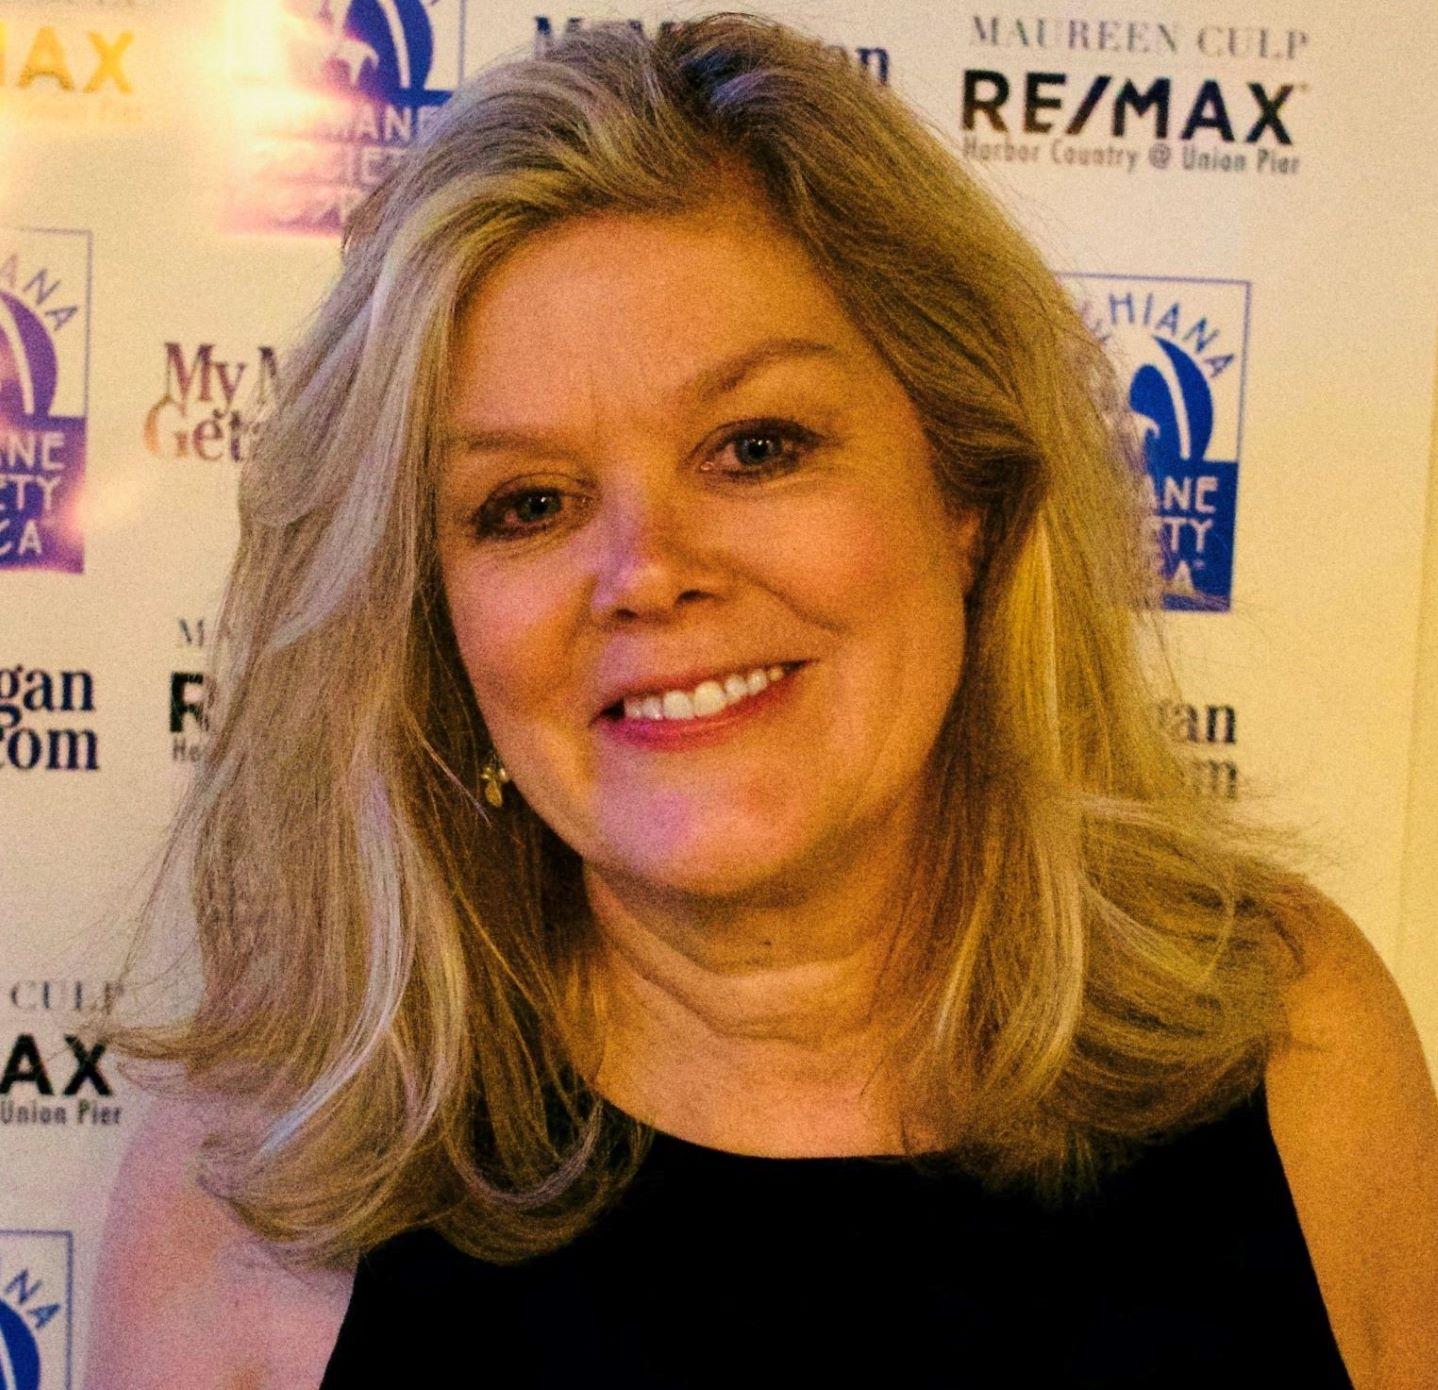 Maureen Culp